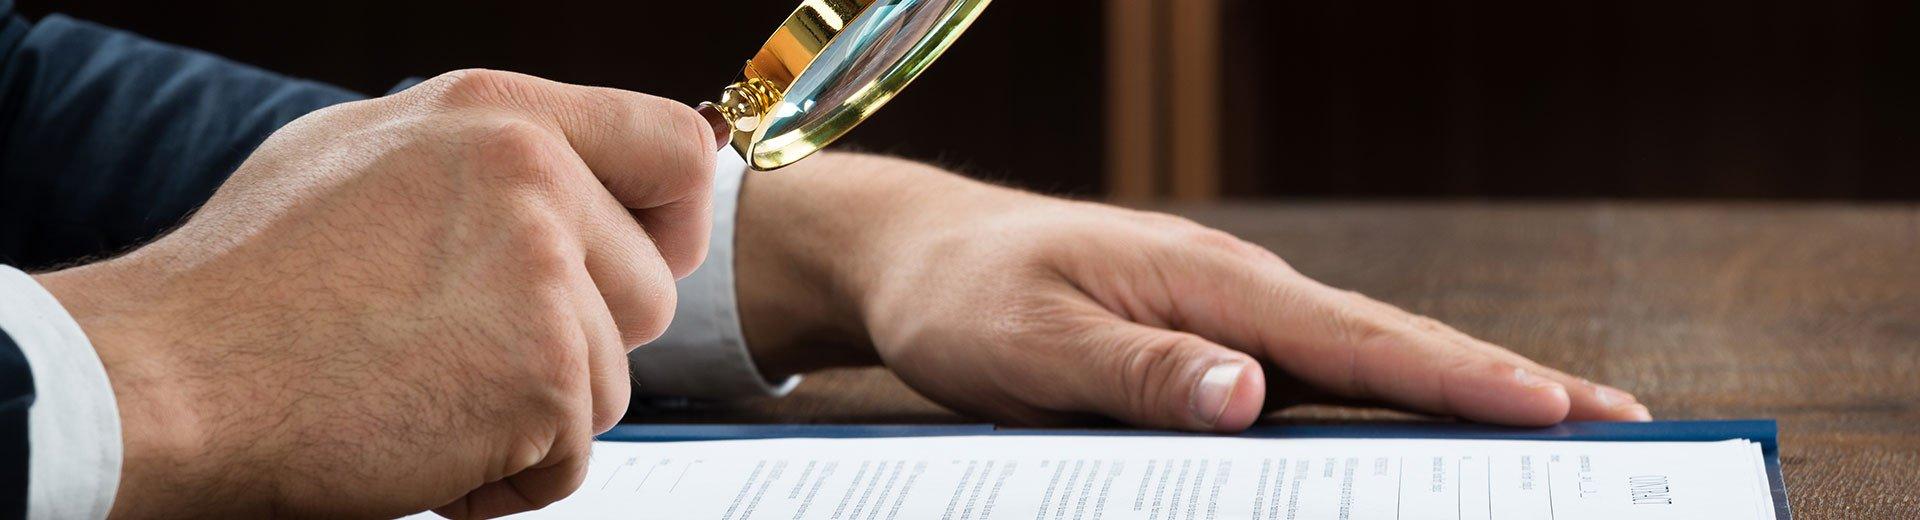 Okładka artykułu Umowa między grafikiem a klientem — 9 elementów, które Cię zabezpieczą